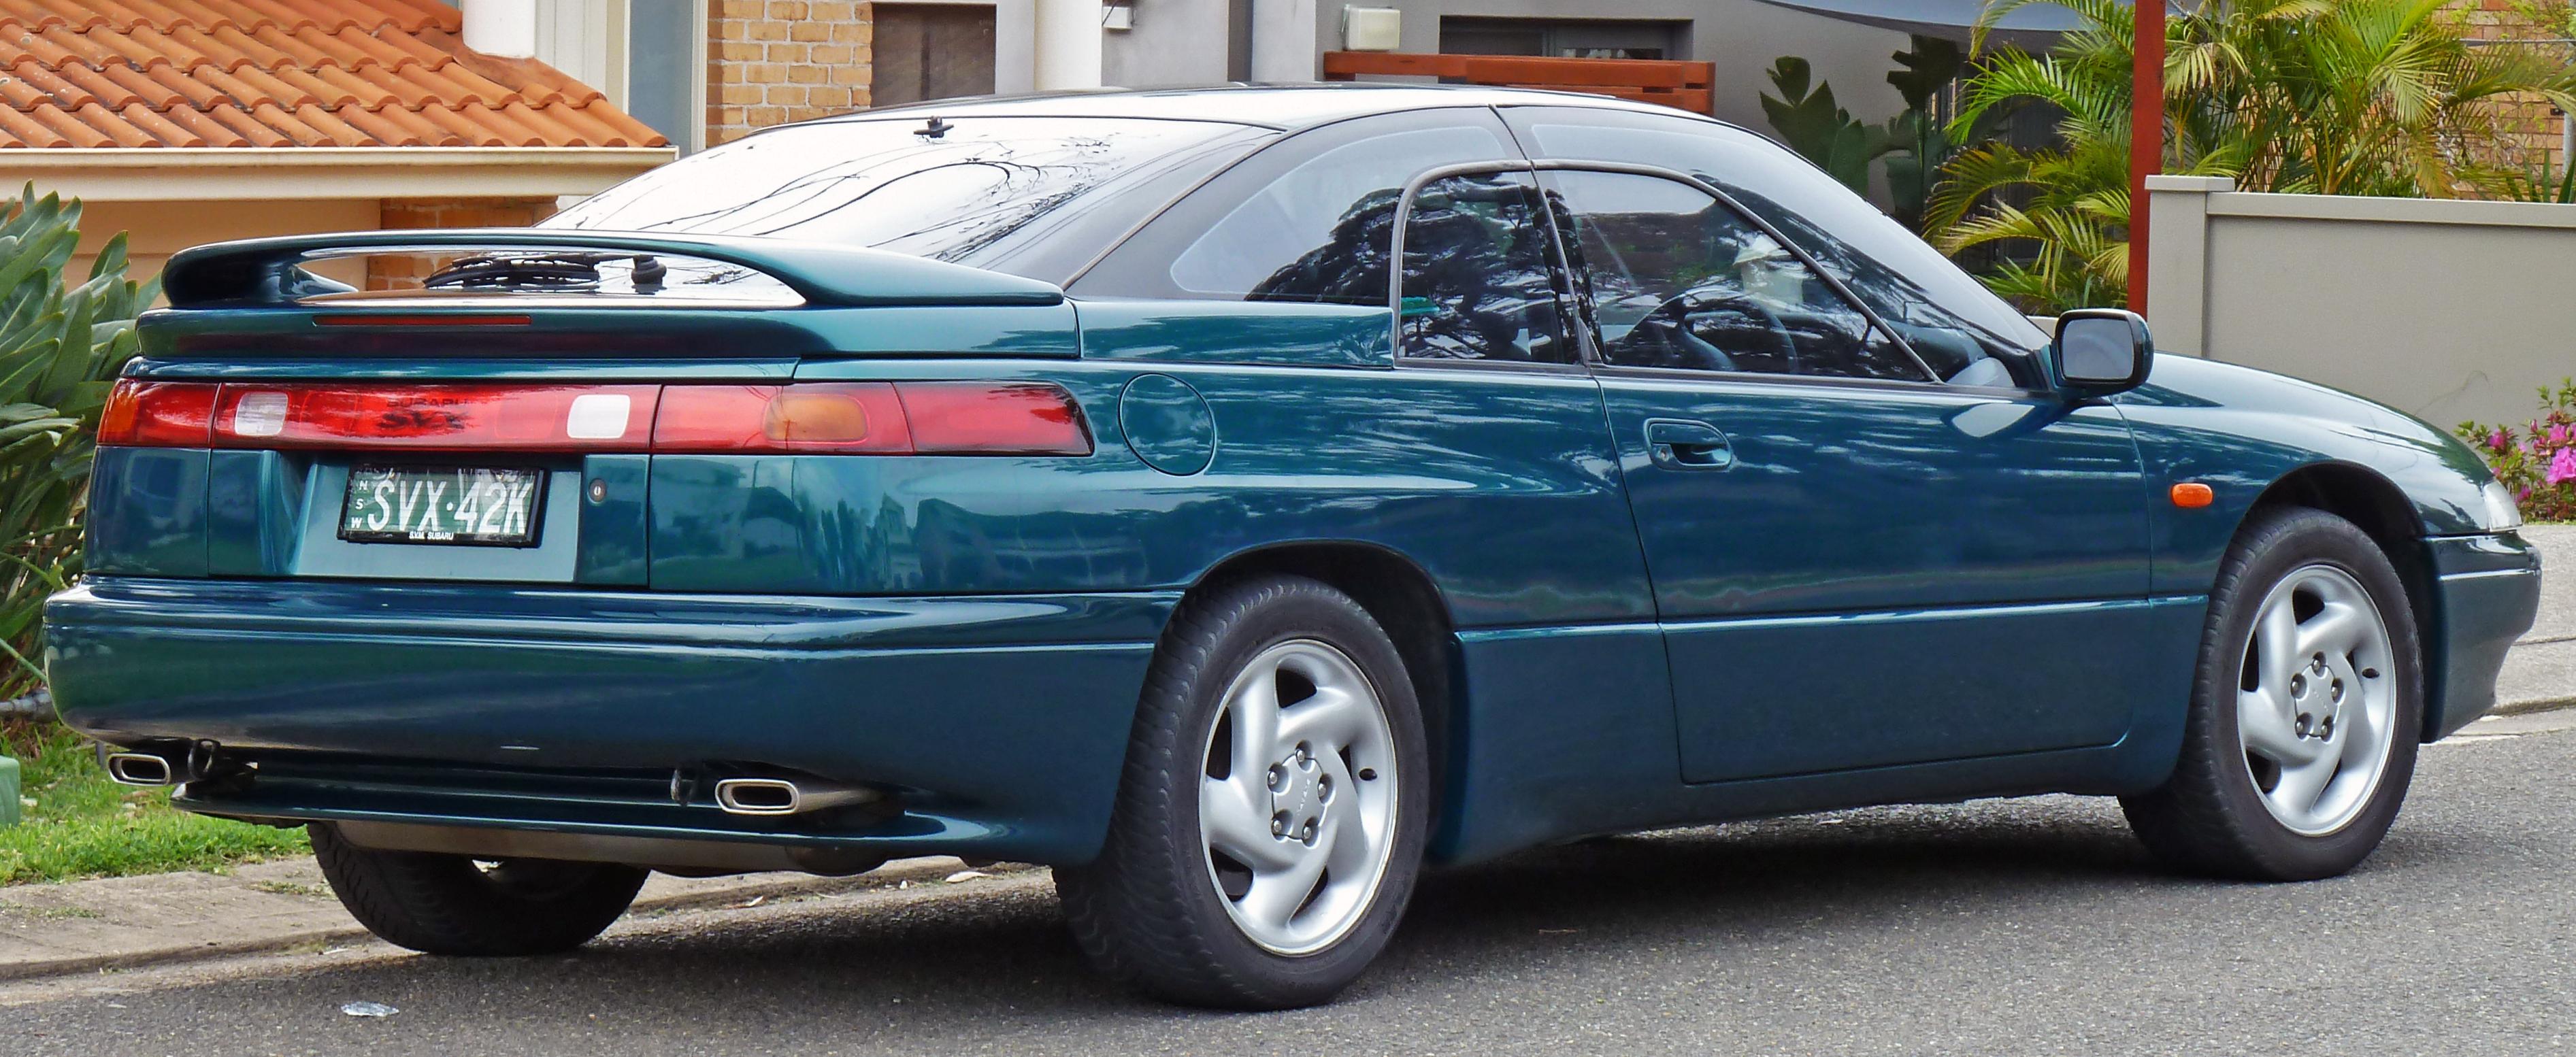 1992-1997_Subaru_SVX_coupe_02.jpg